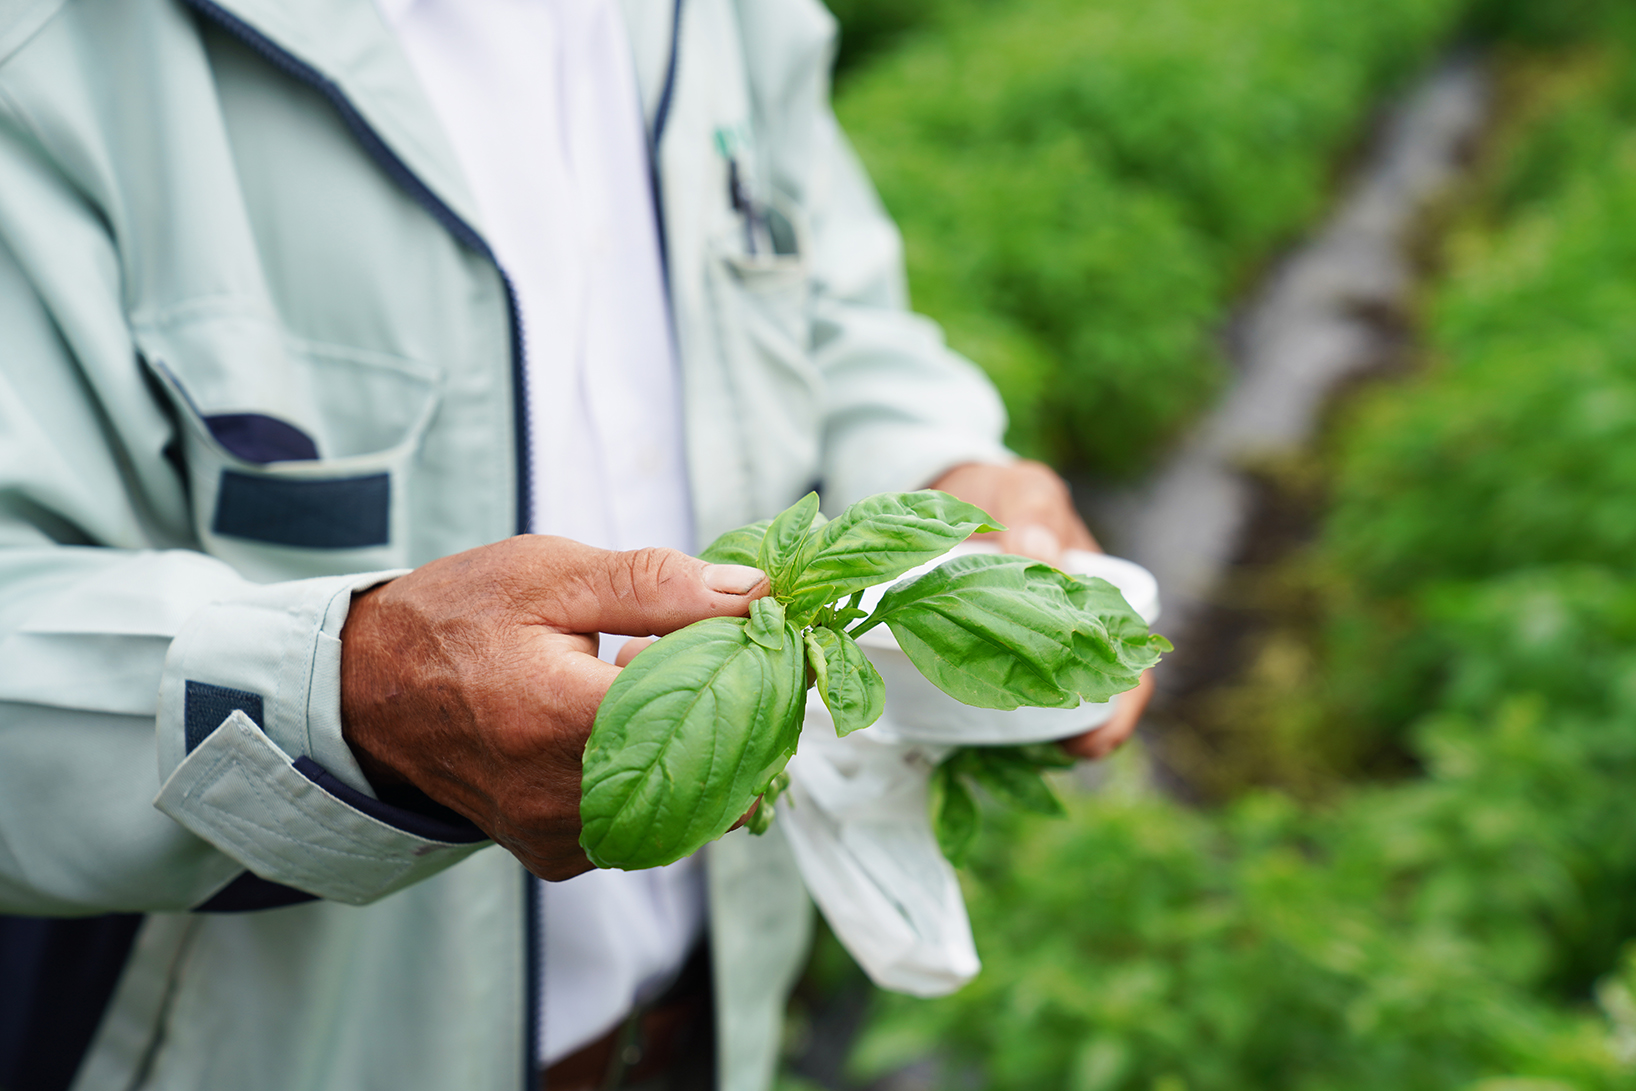 バジルには化学肥料は一切使用せず、葉も全て手作業で朝摘みすることにこだわる。